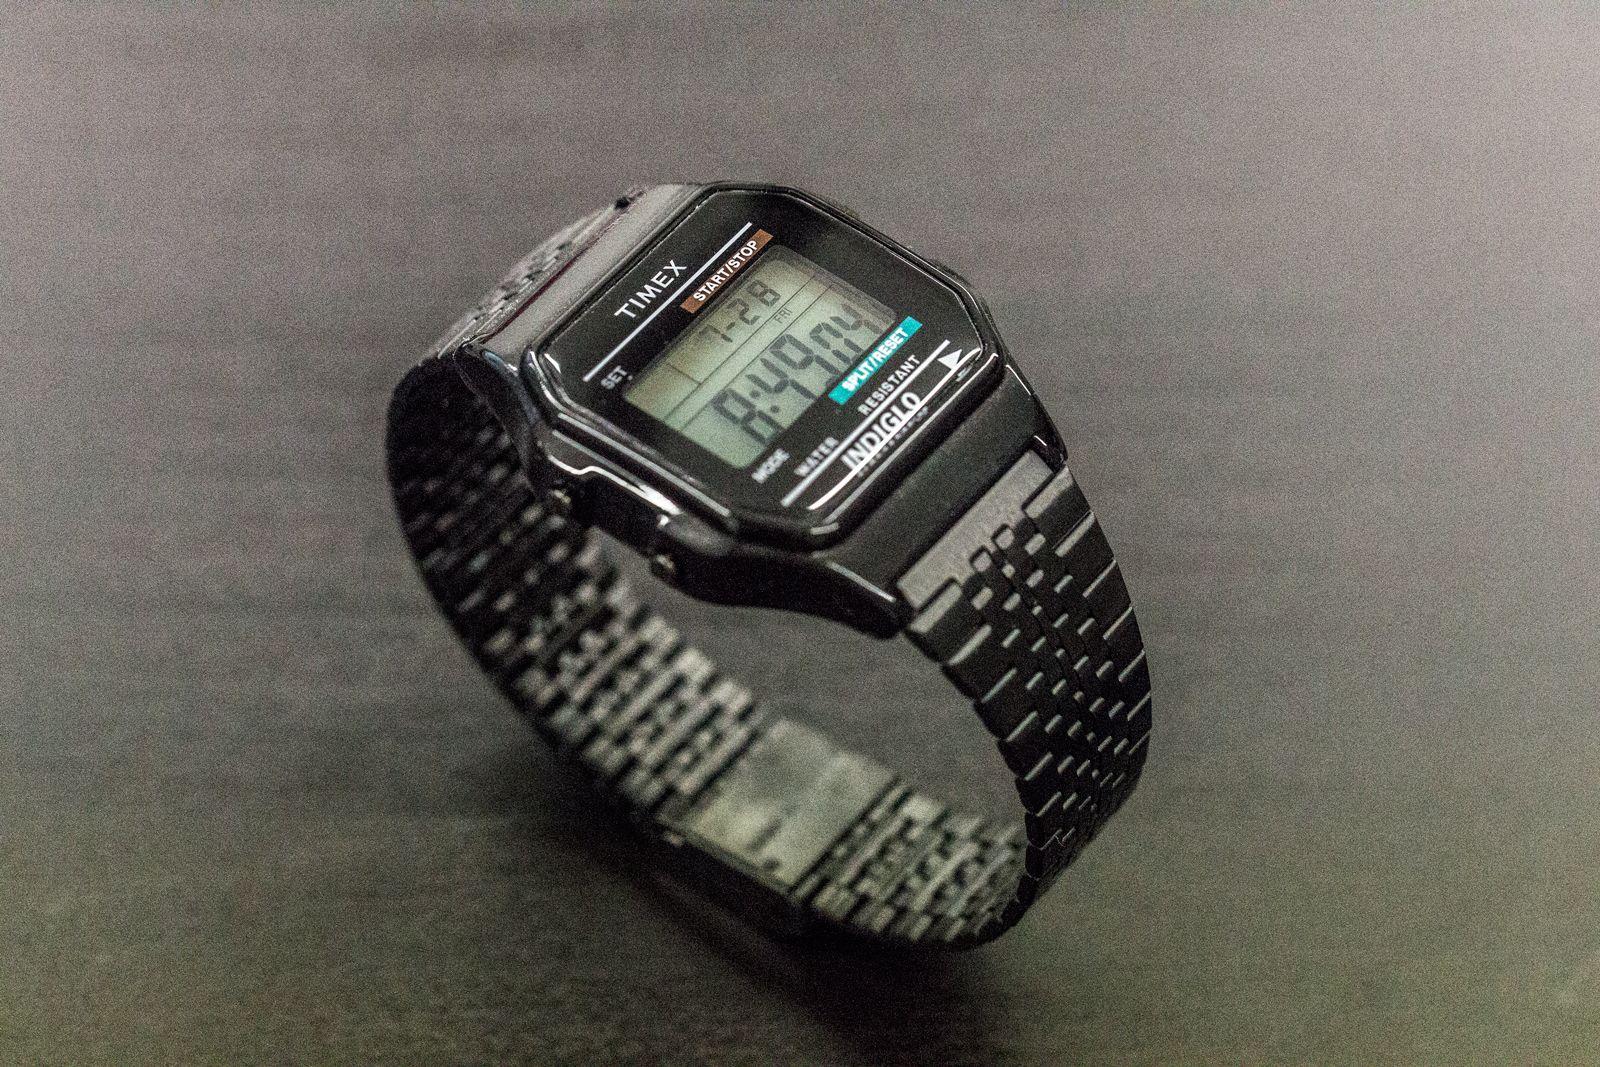 3eb8cfb73 Timex koupíte na 2355.cz   CASIO digital watches • Digitálky CASIO ...